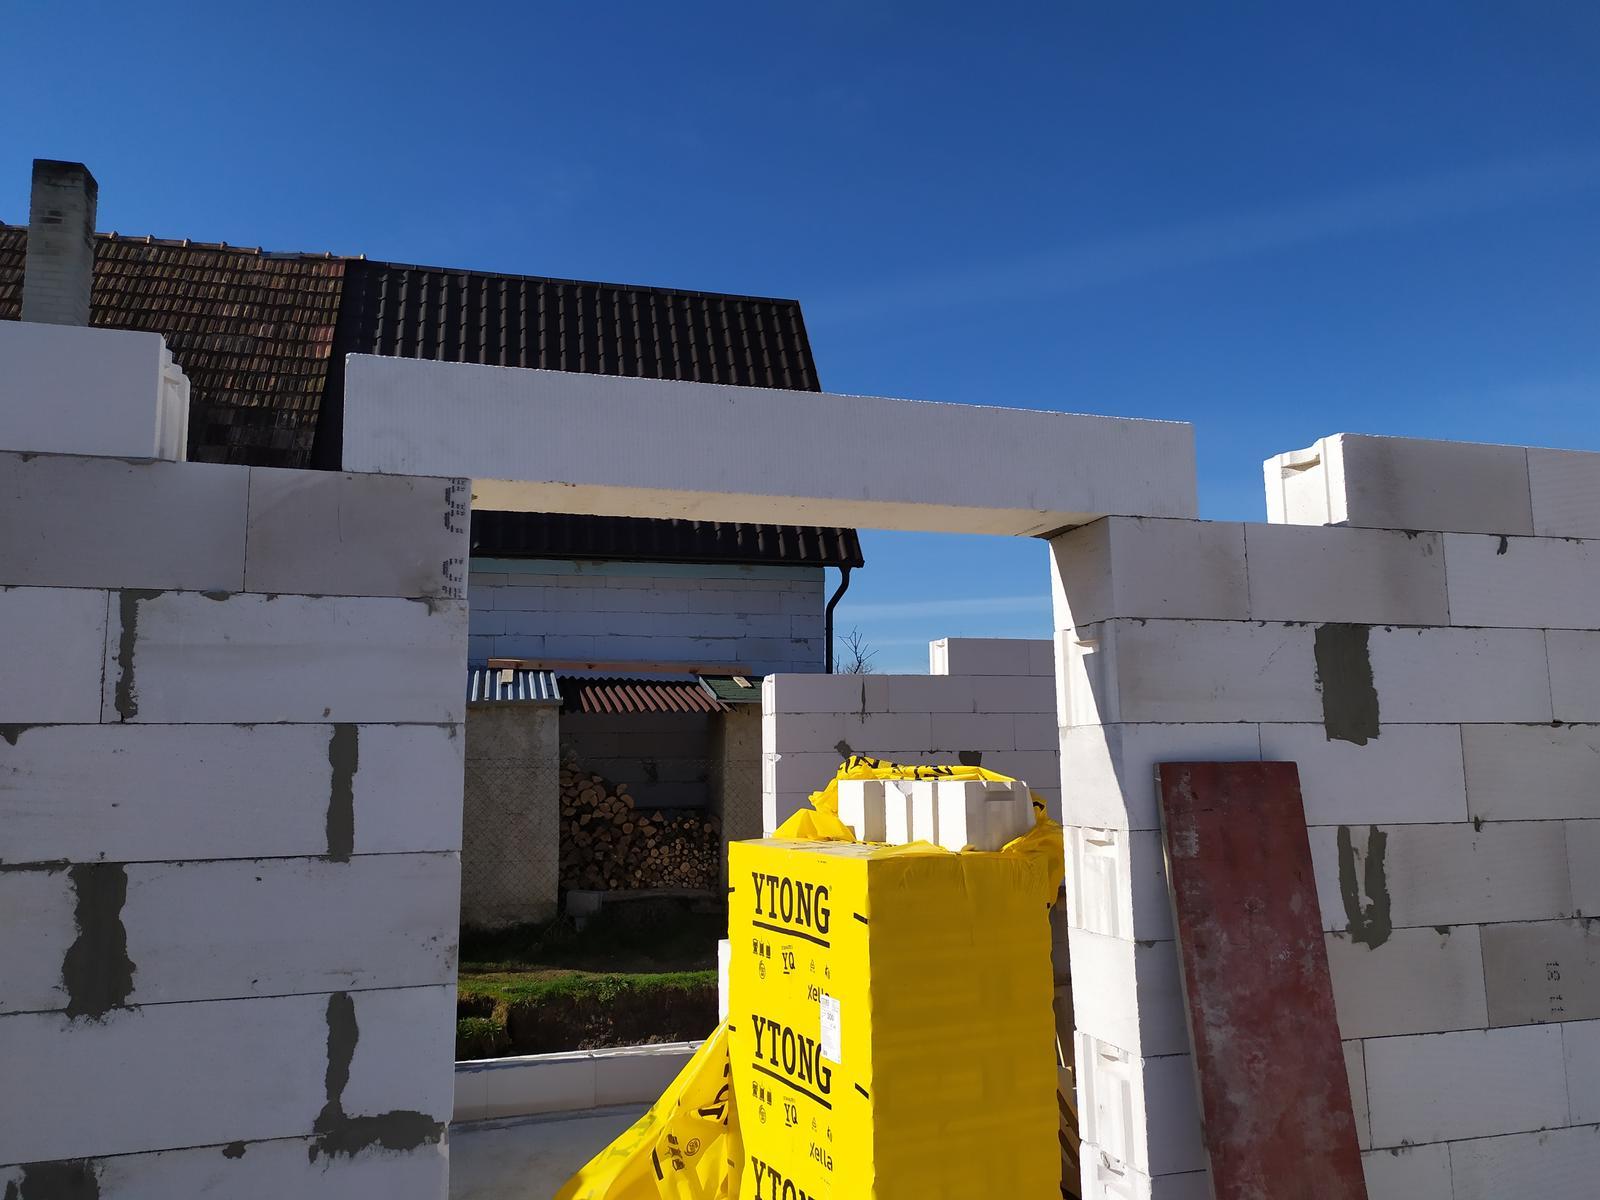 Stavba domu - Svojpomocne 🏠 - Dal zabrať ....